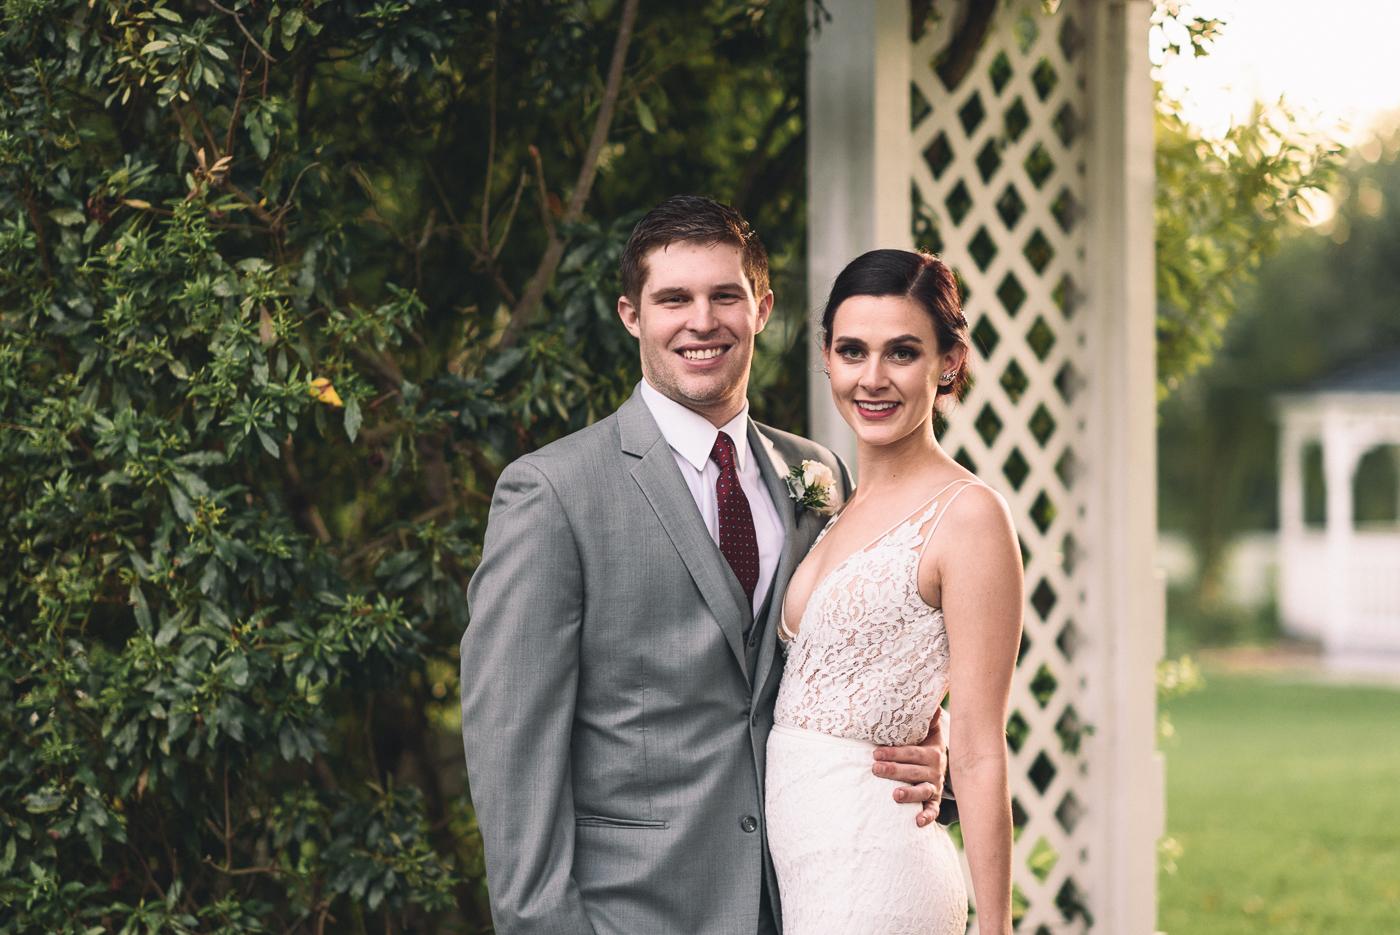 magnolia.texas.wedding (42 of 85).jpg